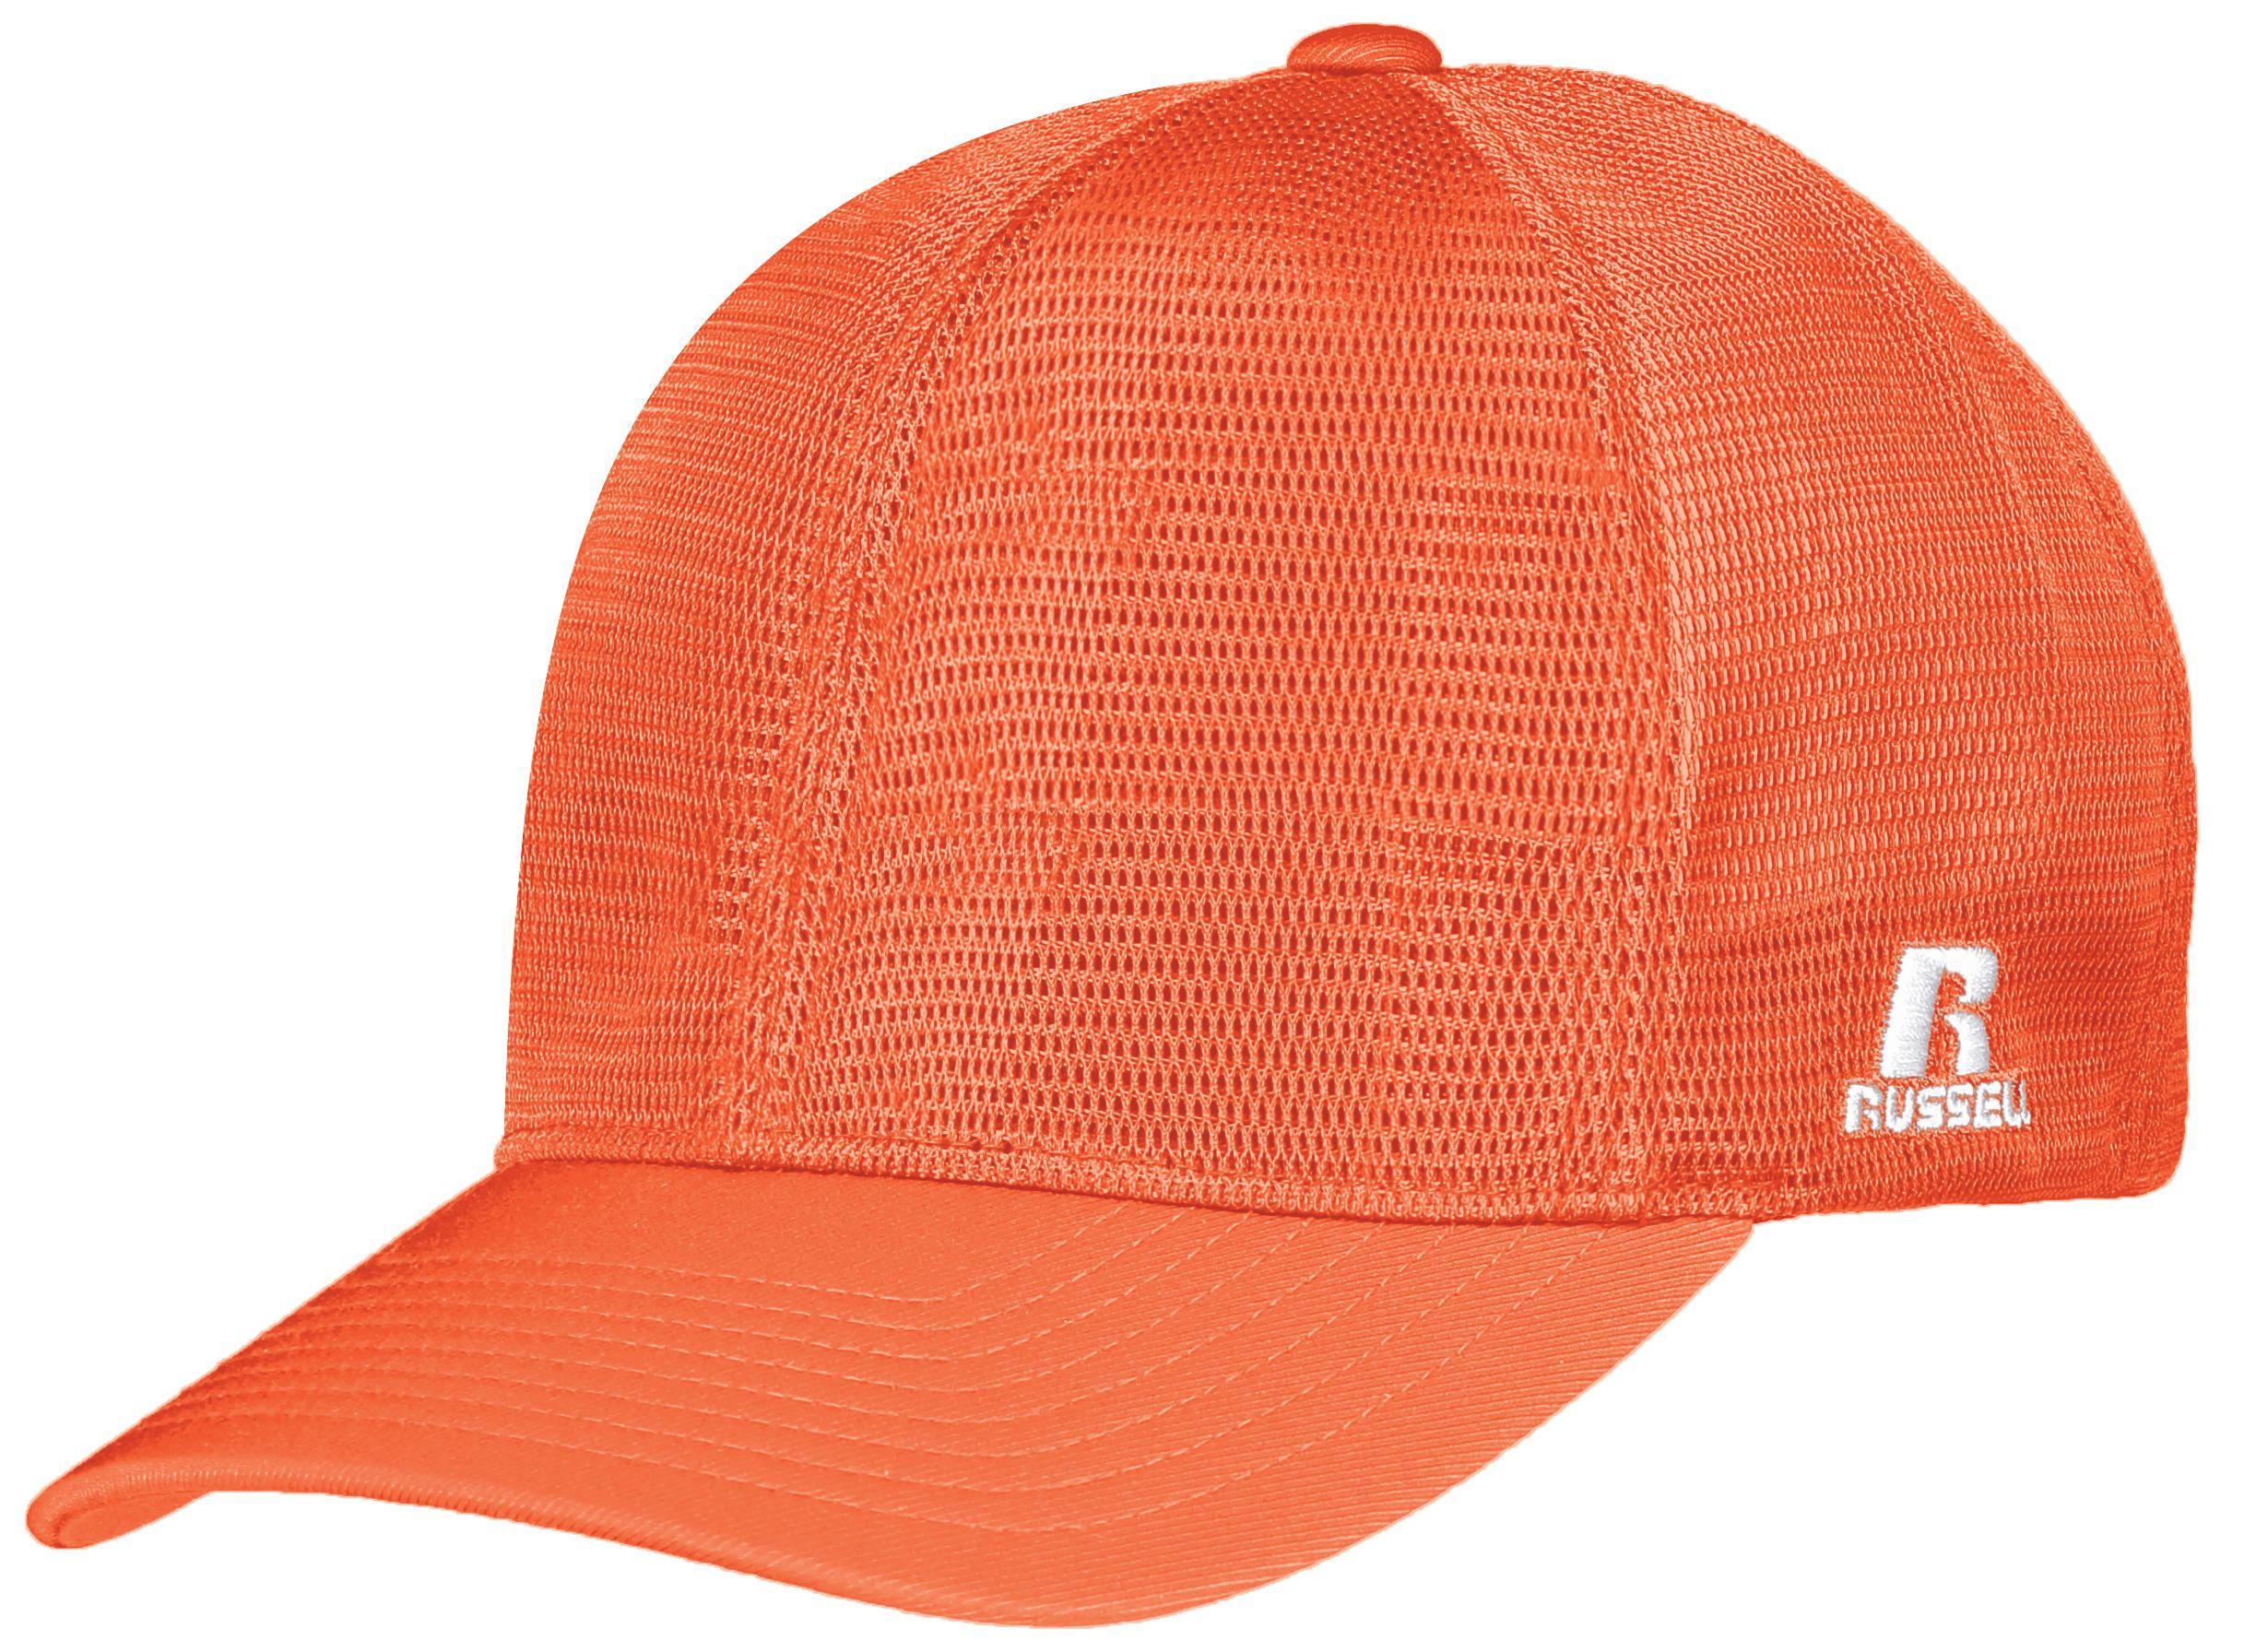 Flexfit 360 Mesh Cap - Burnt Orange